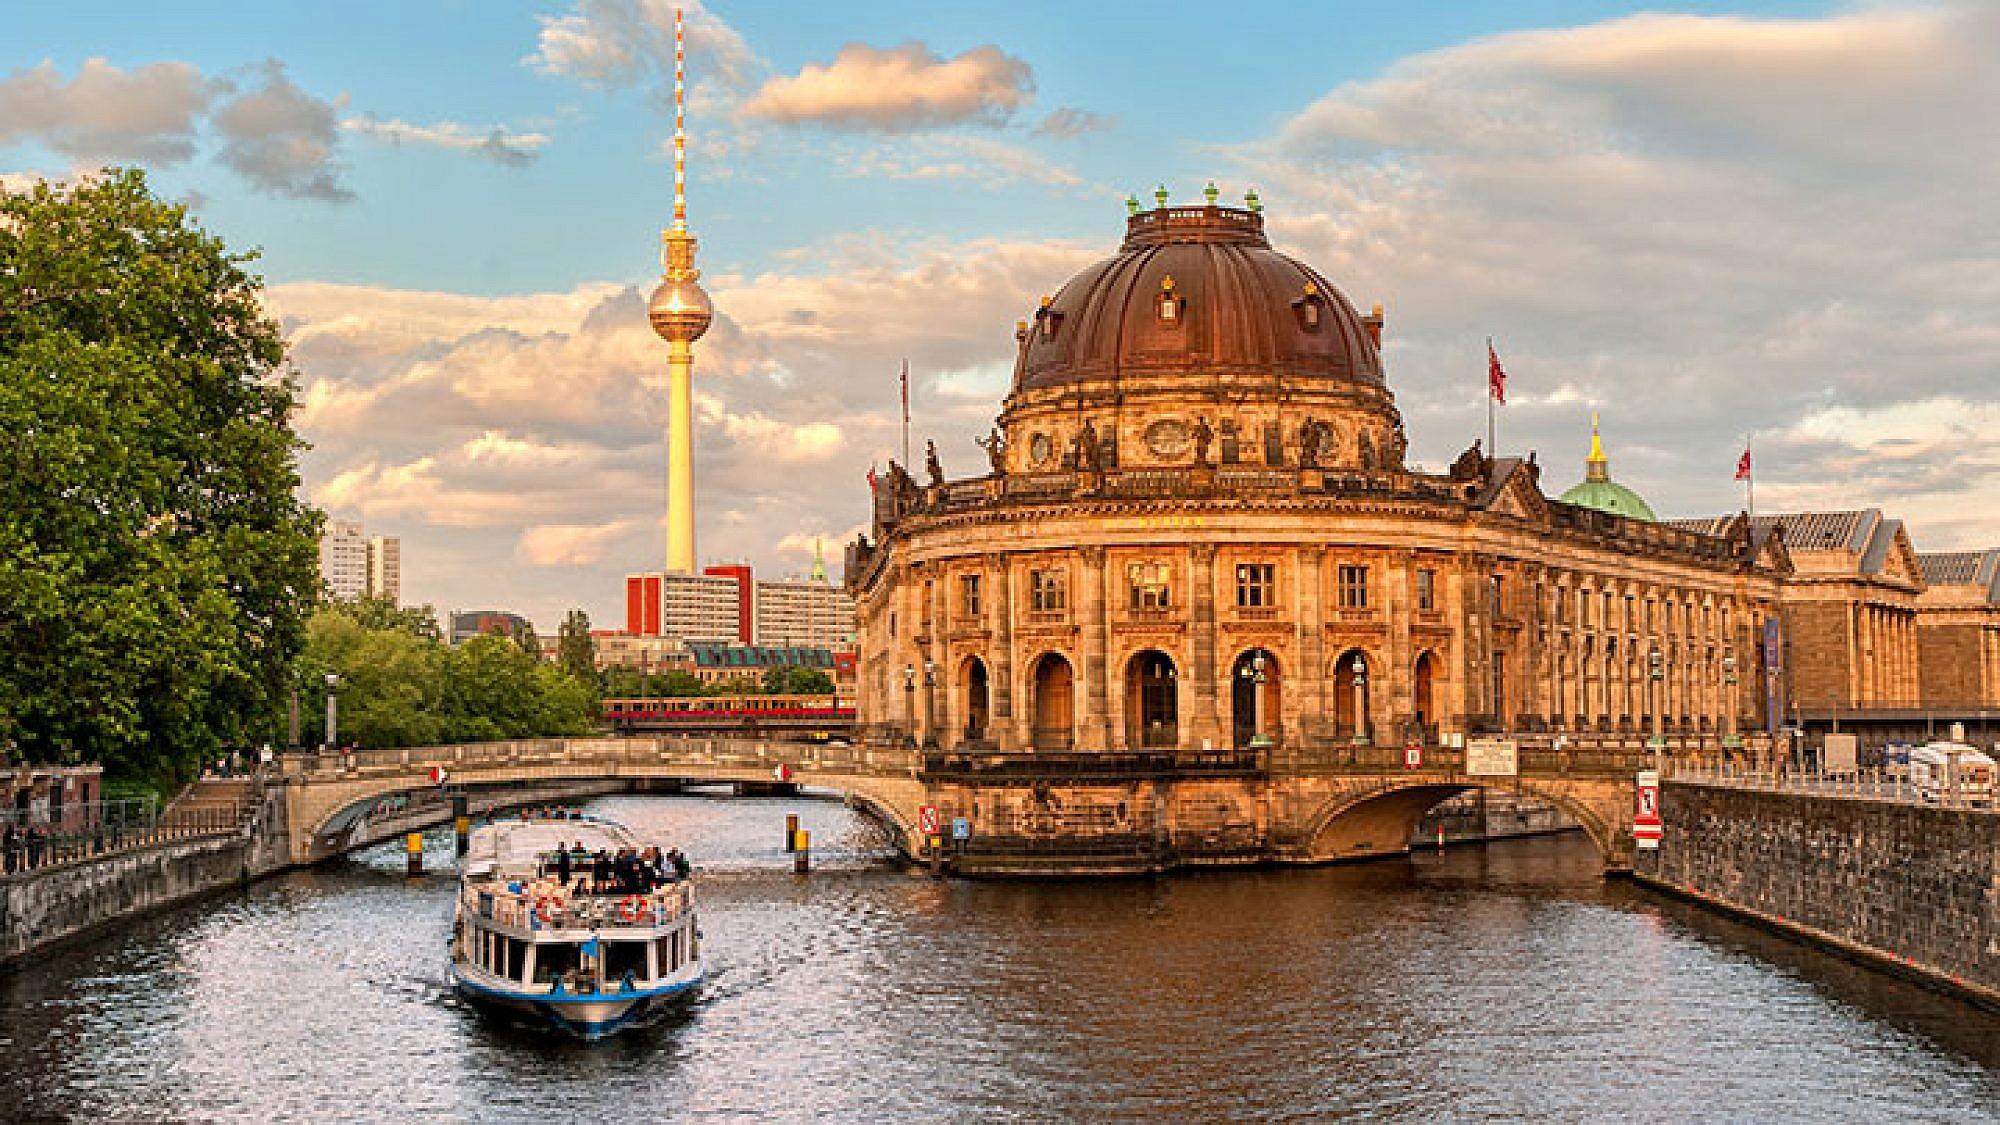 מוזיאון בודה על נהר הספרי ומגדל הטלוויזיה באלכסנדרפלאץ, ברלין   צילום: shutterstock